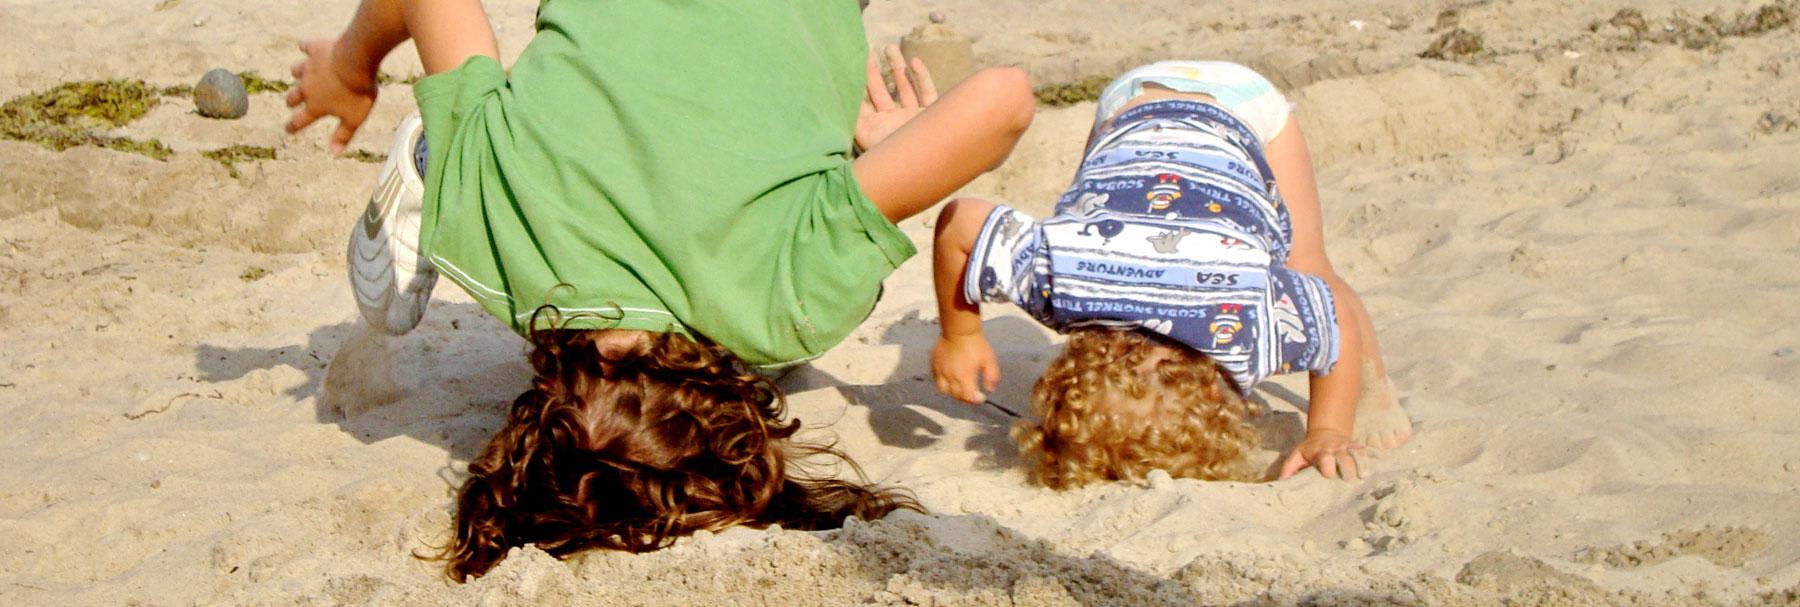 Kinder am Strand - Ferienhaus Kleeblatt